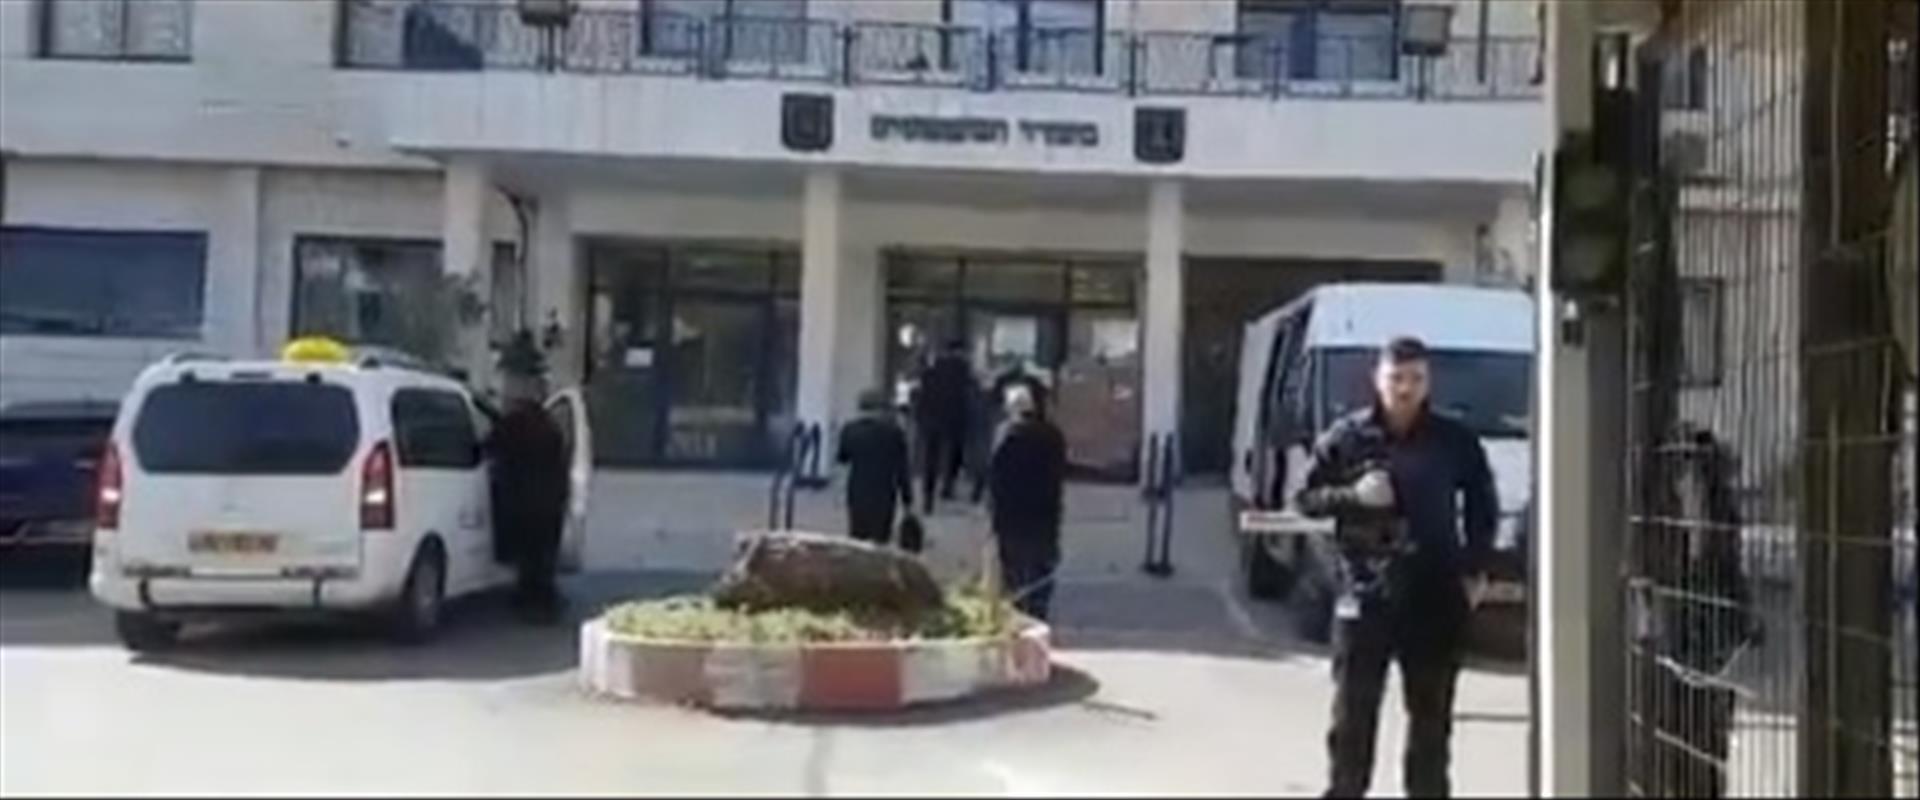 עורכי דינו של נתניהו מגיעים למשרד המשפטים